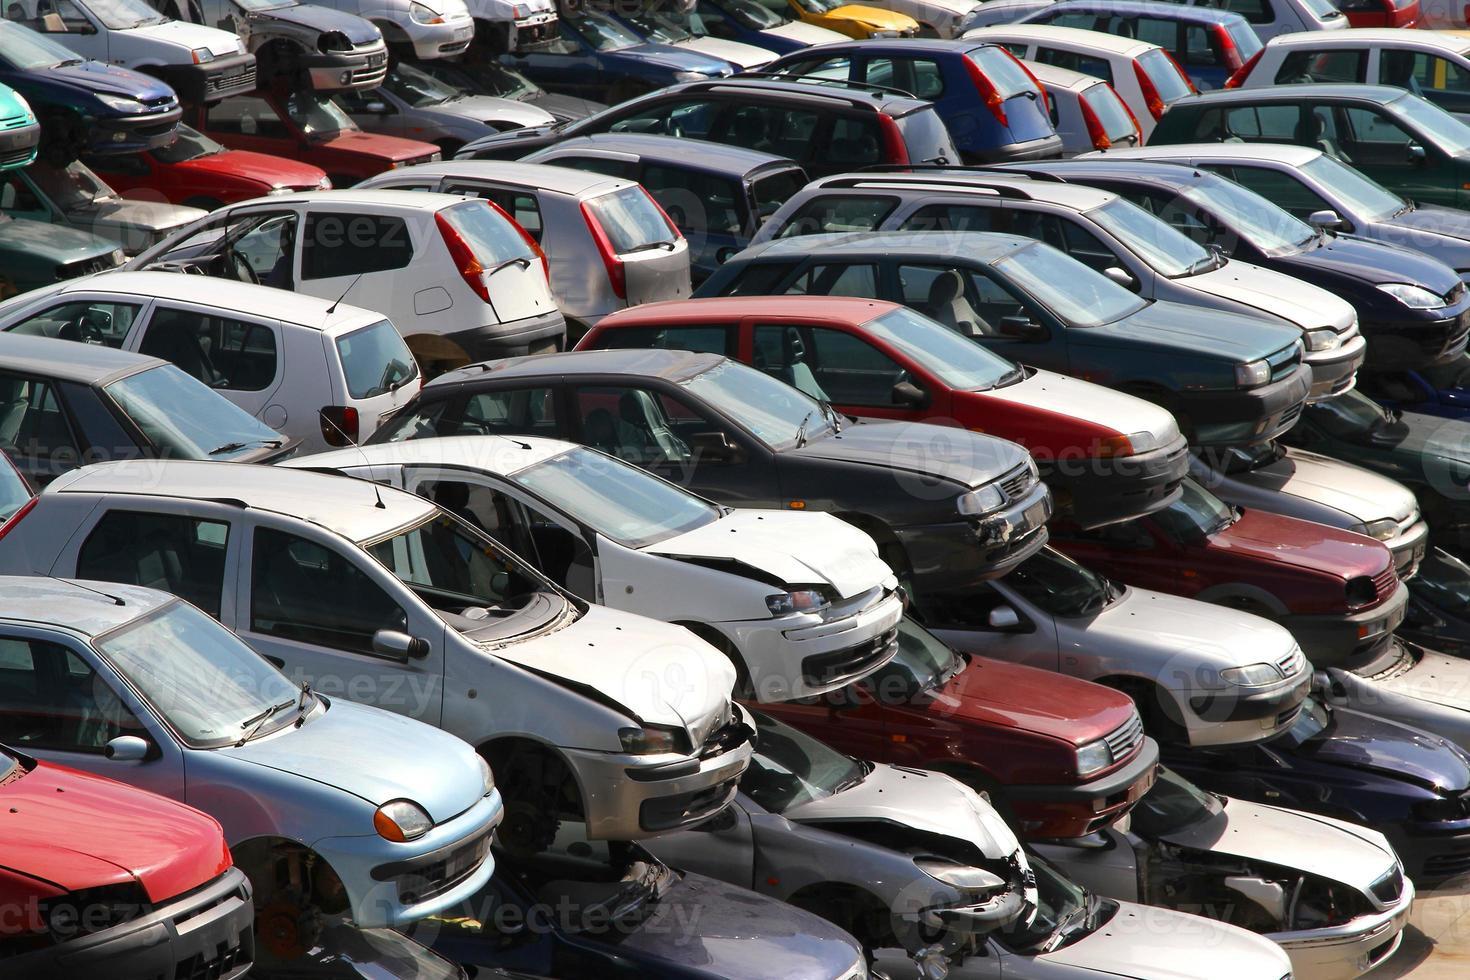 bilar förstörda i rivningen bilverkstad foto